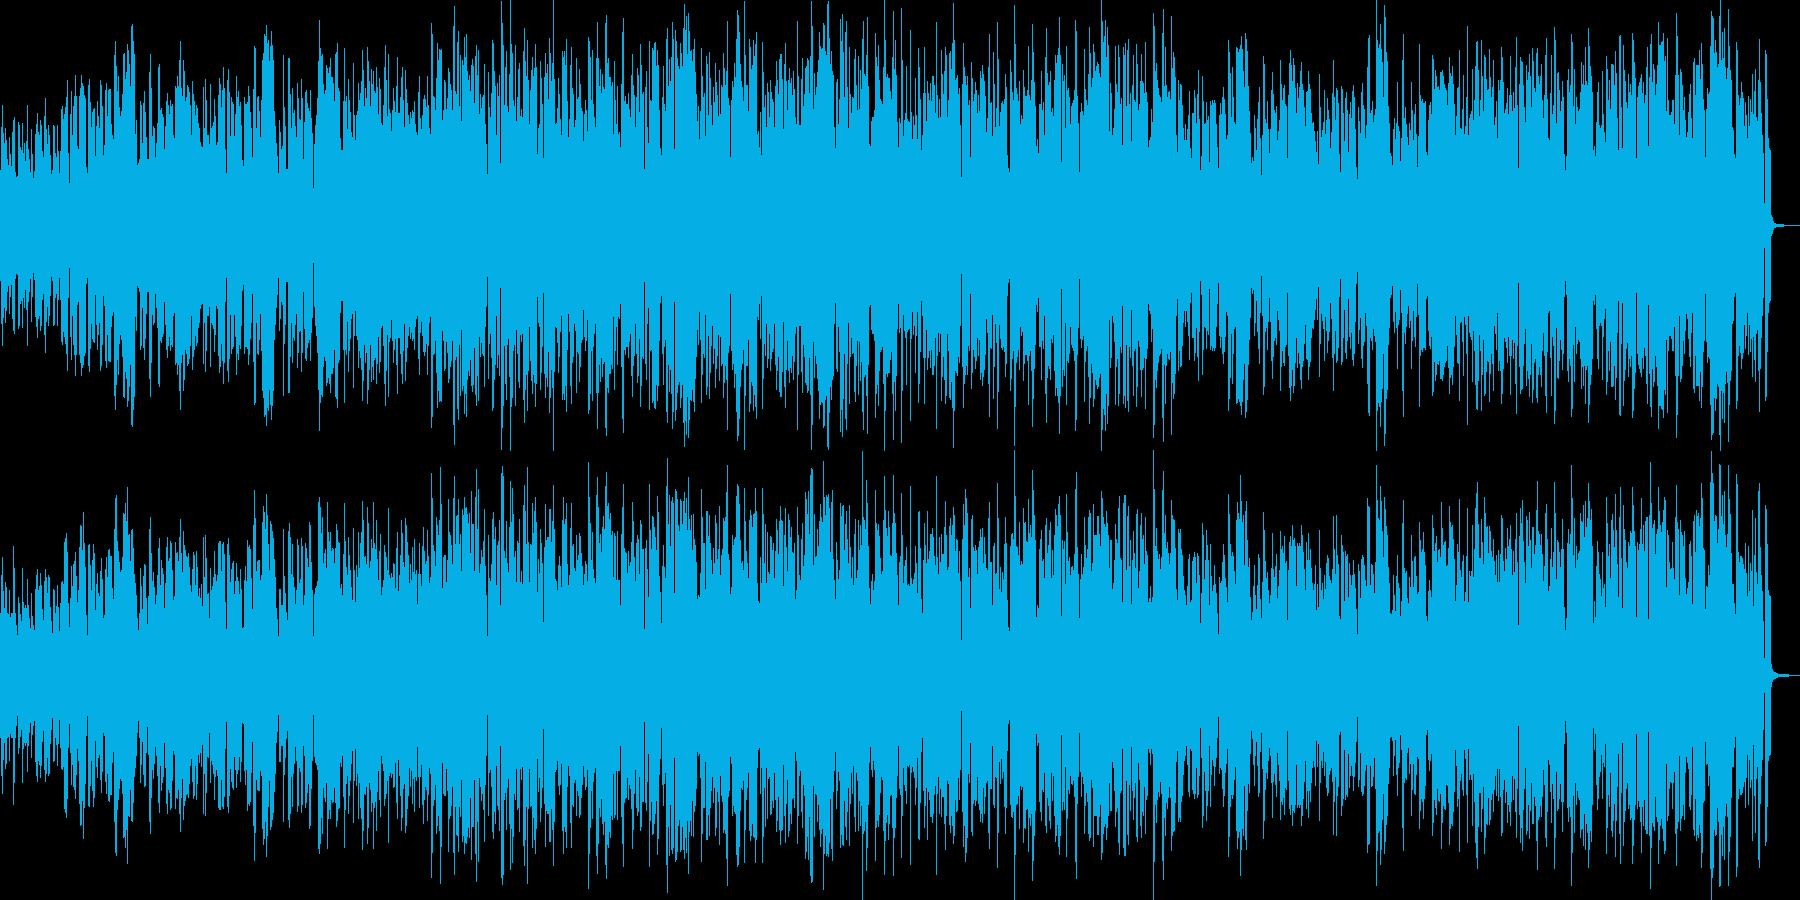 クラリネット・ジャズの再生済みの波形